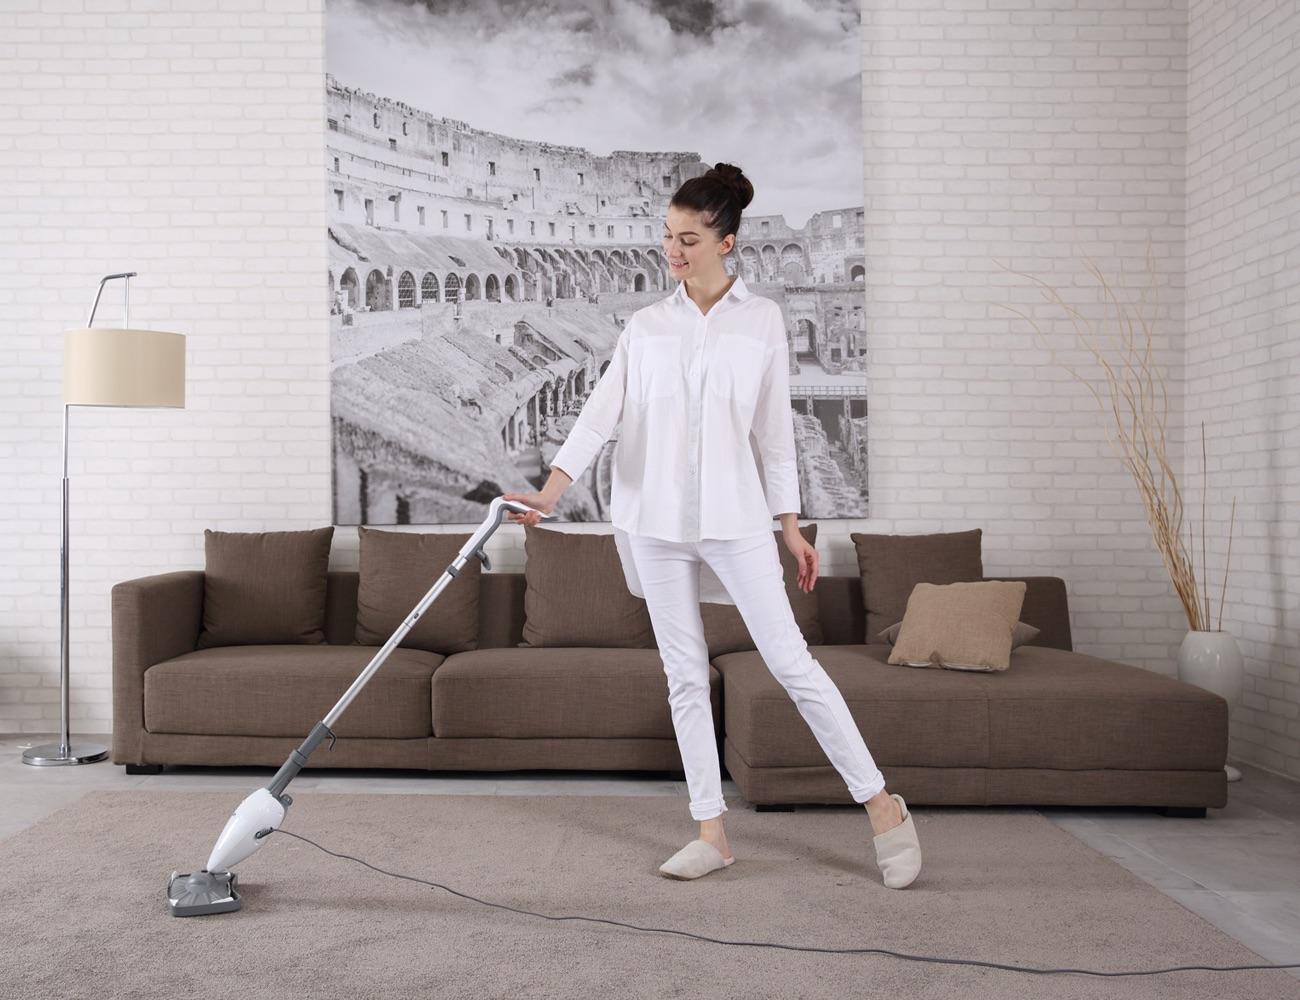 Light 'n' Easy Sanitizing Steam Mop